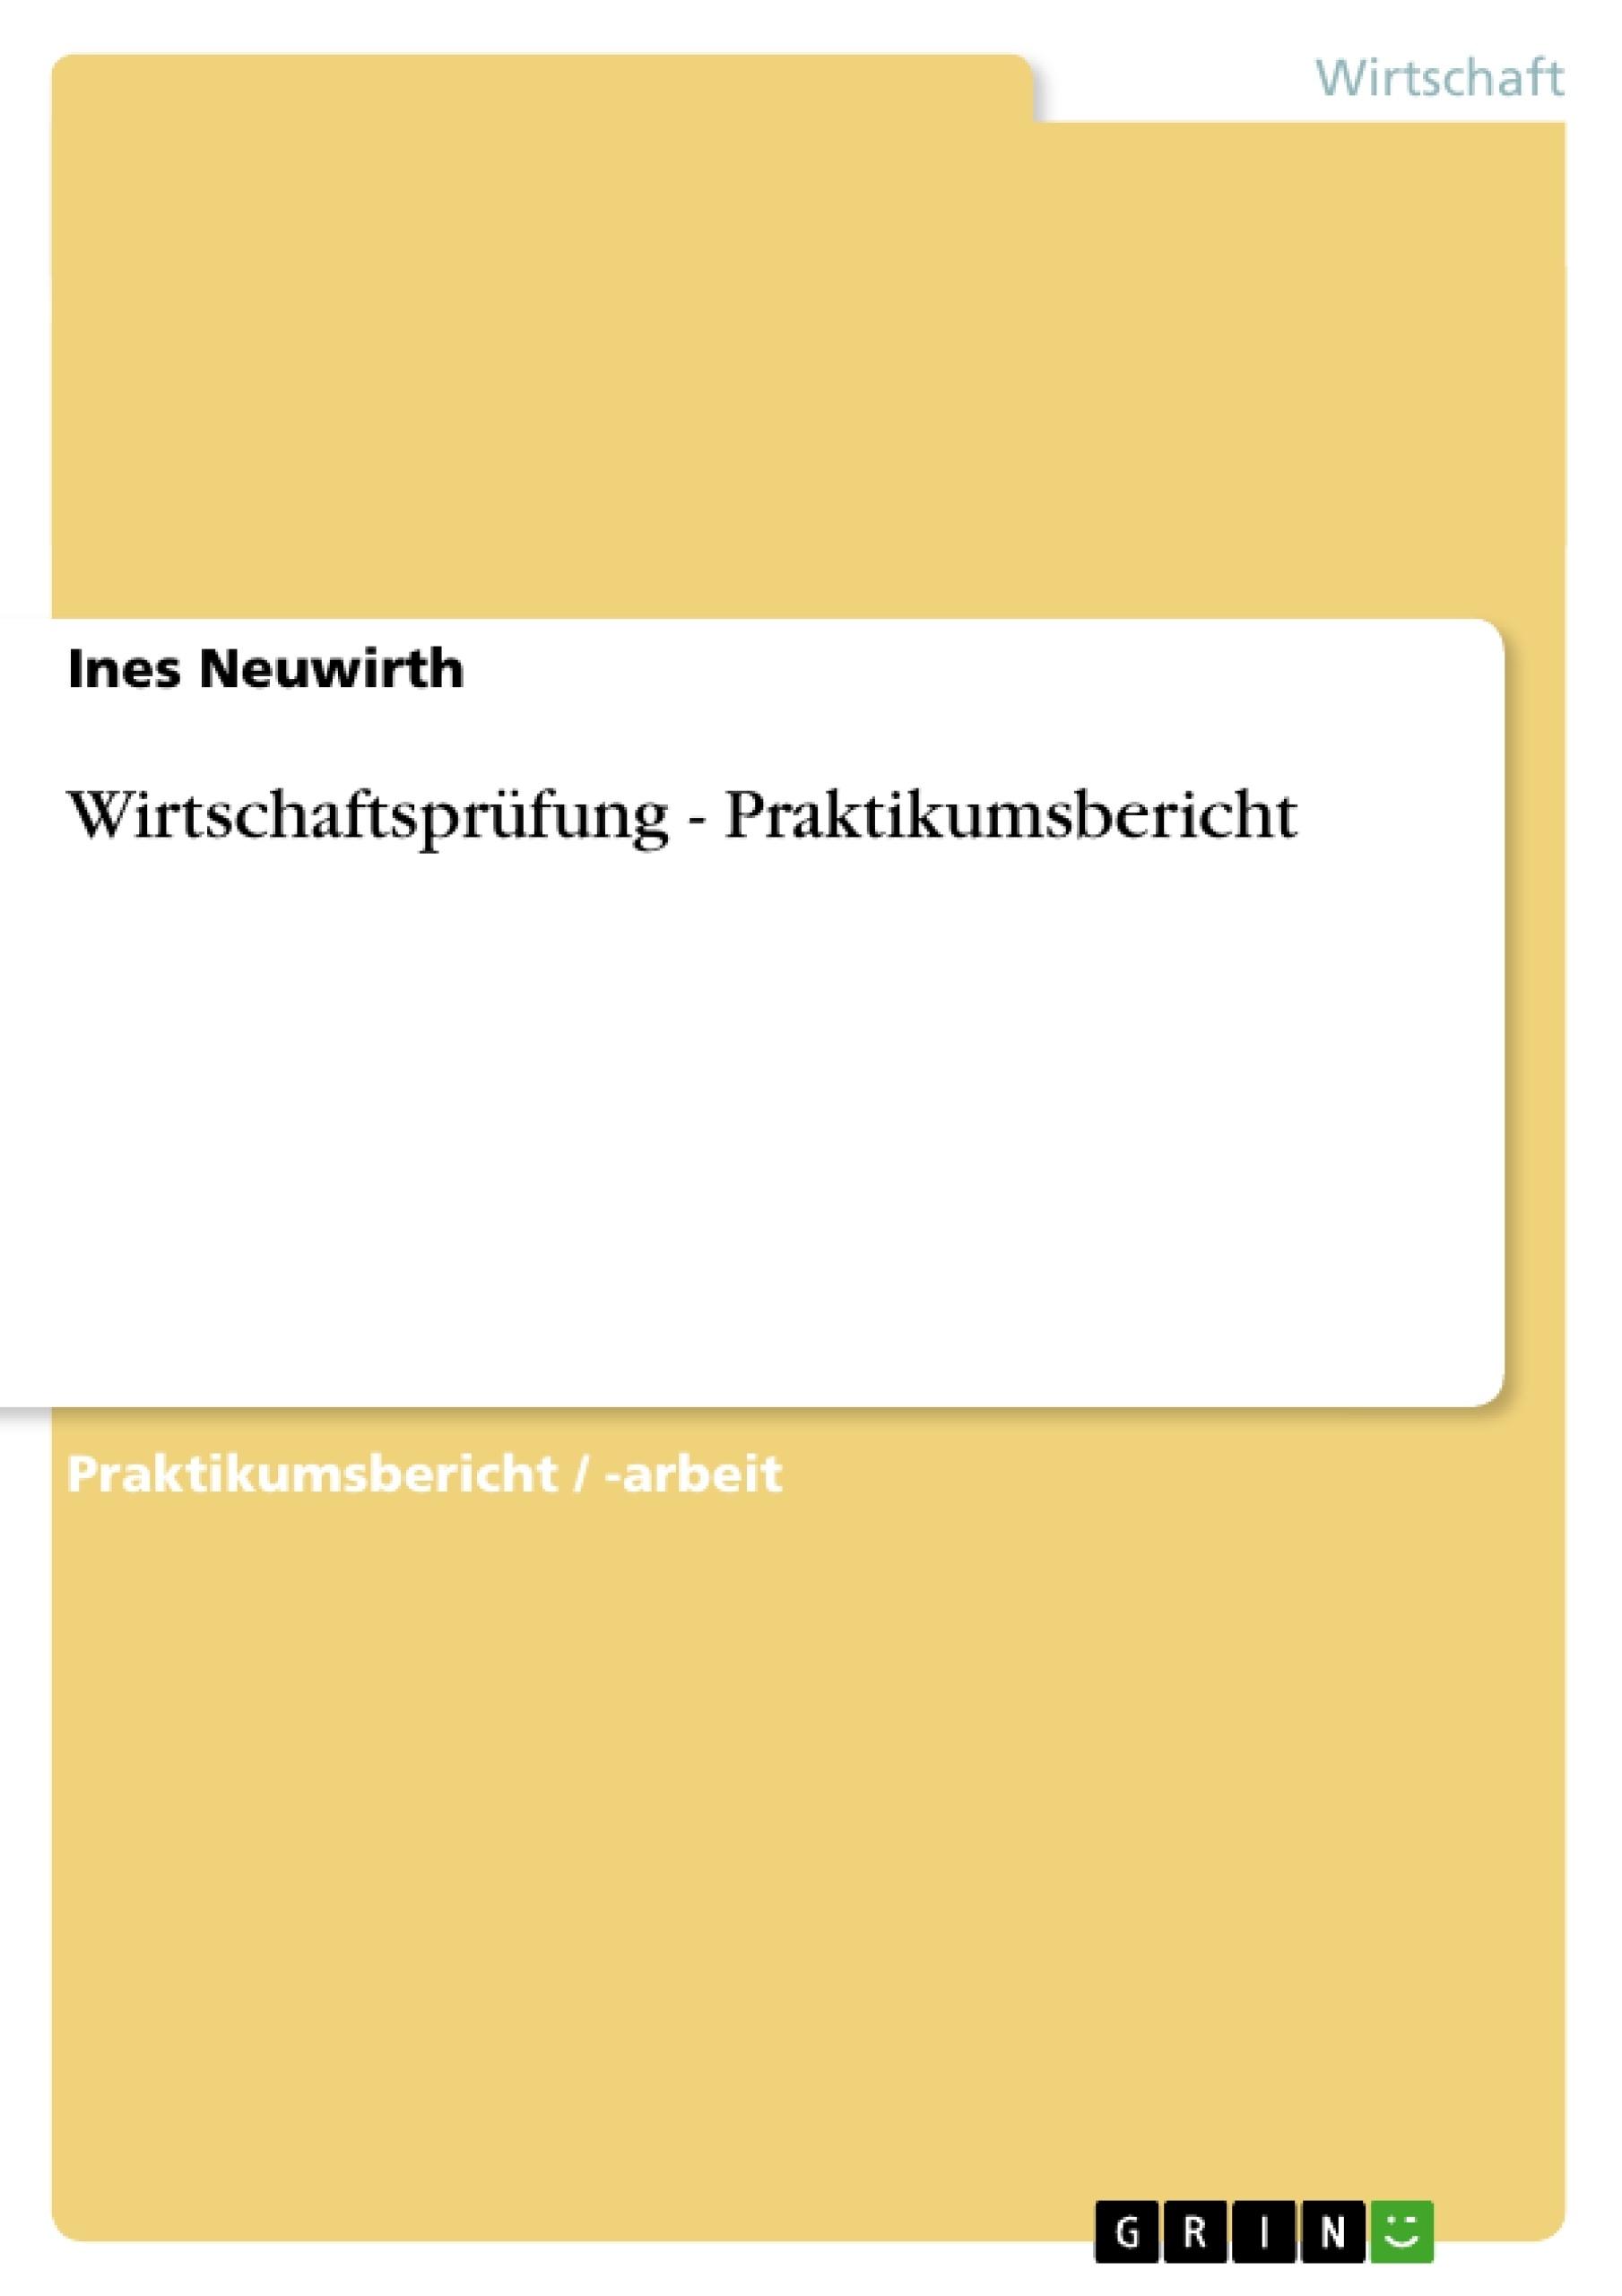 Titel: Wirtschaftsprüfung - Praktikumsbericht